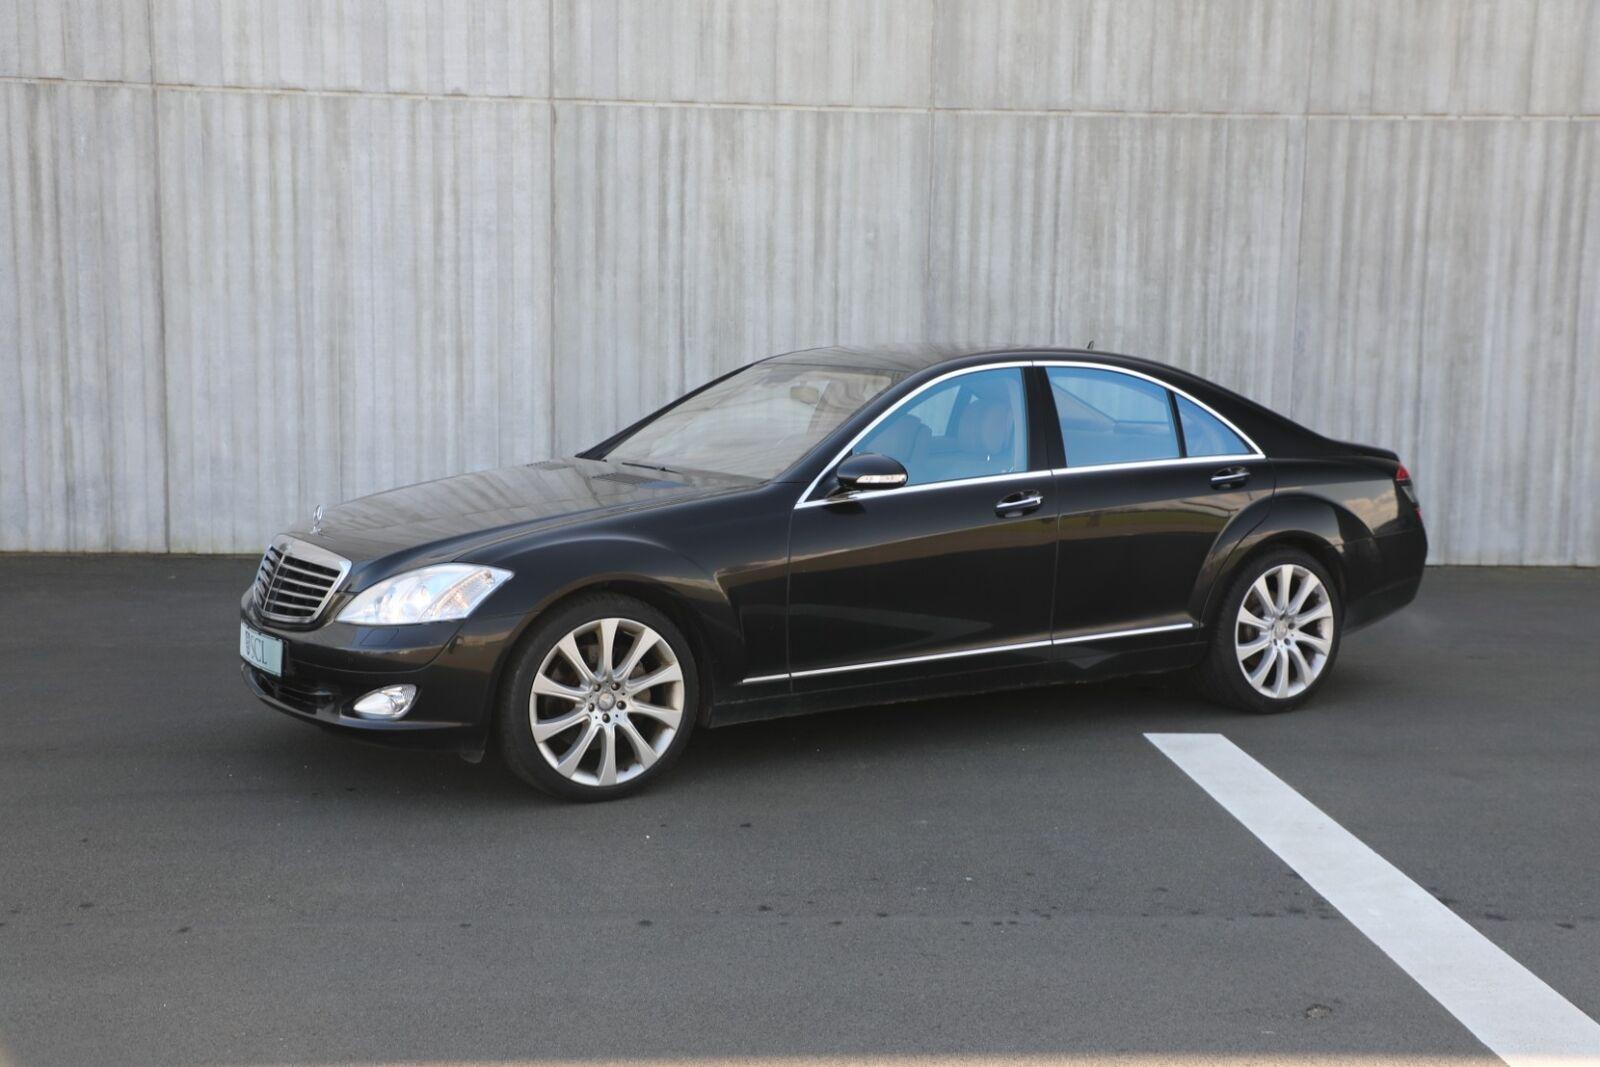 Mercedes S500 5,5 aut. lang 4d - 0 kr.